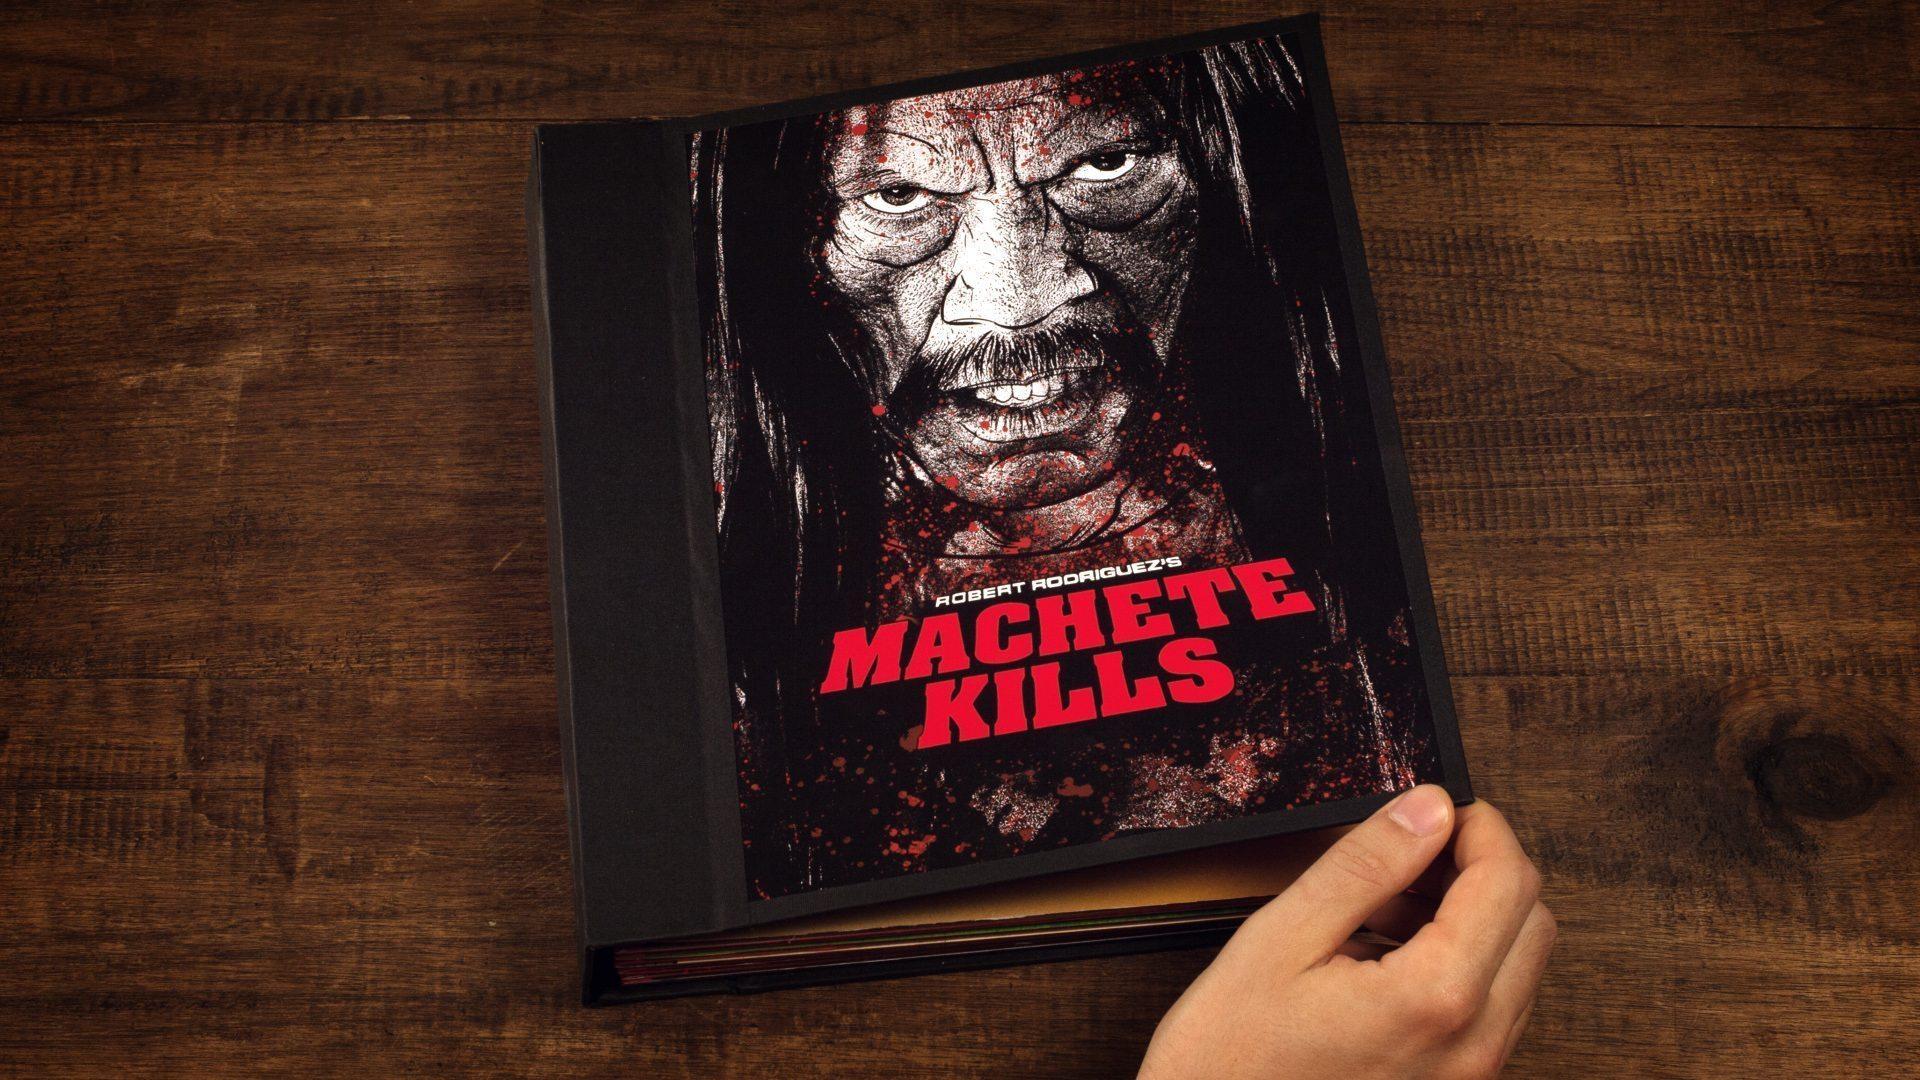 Machete Kills!